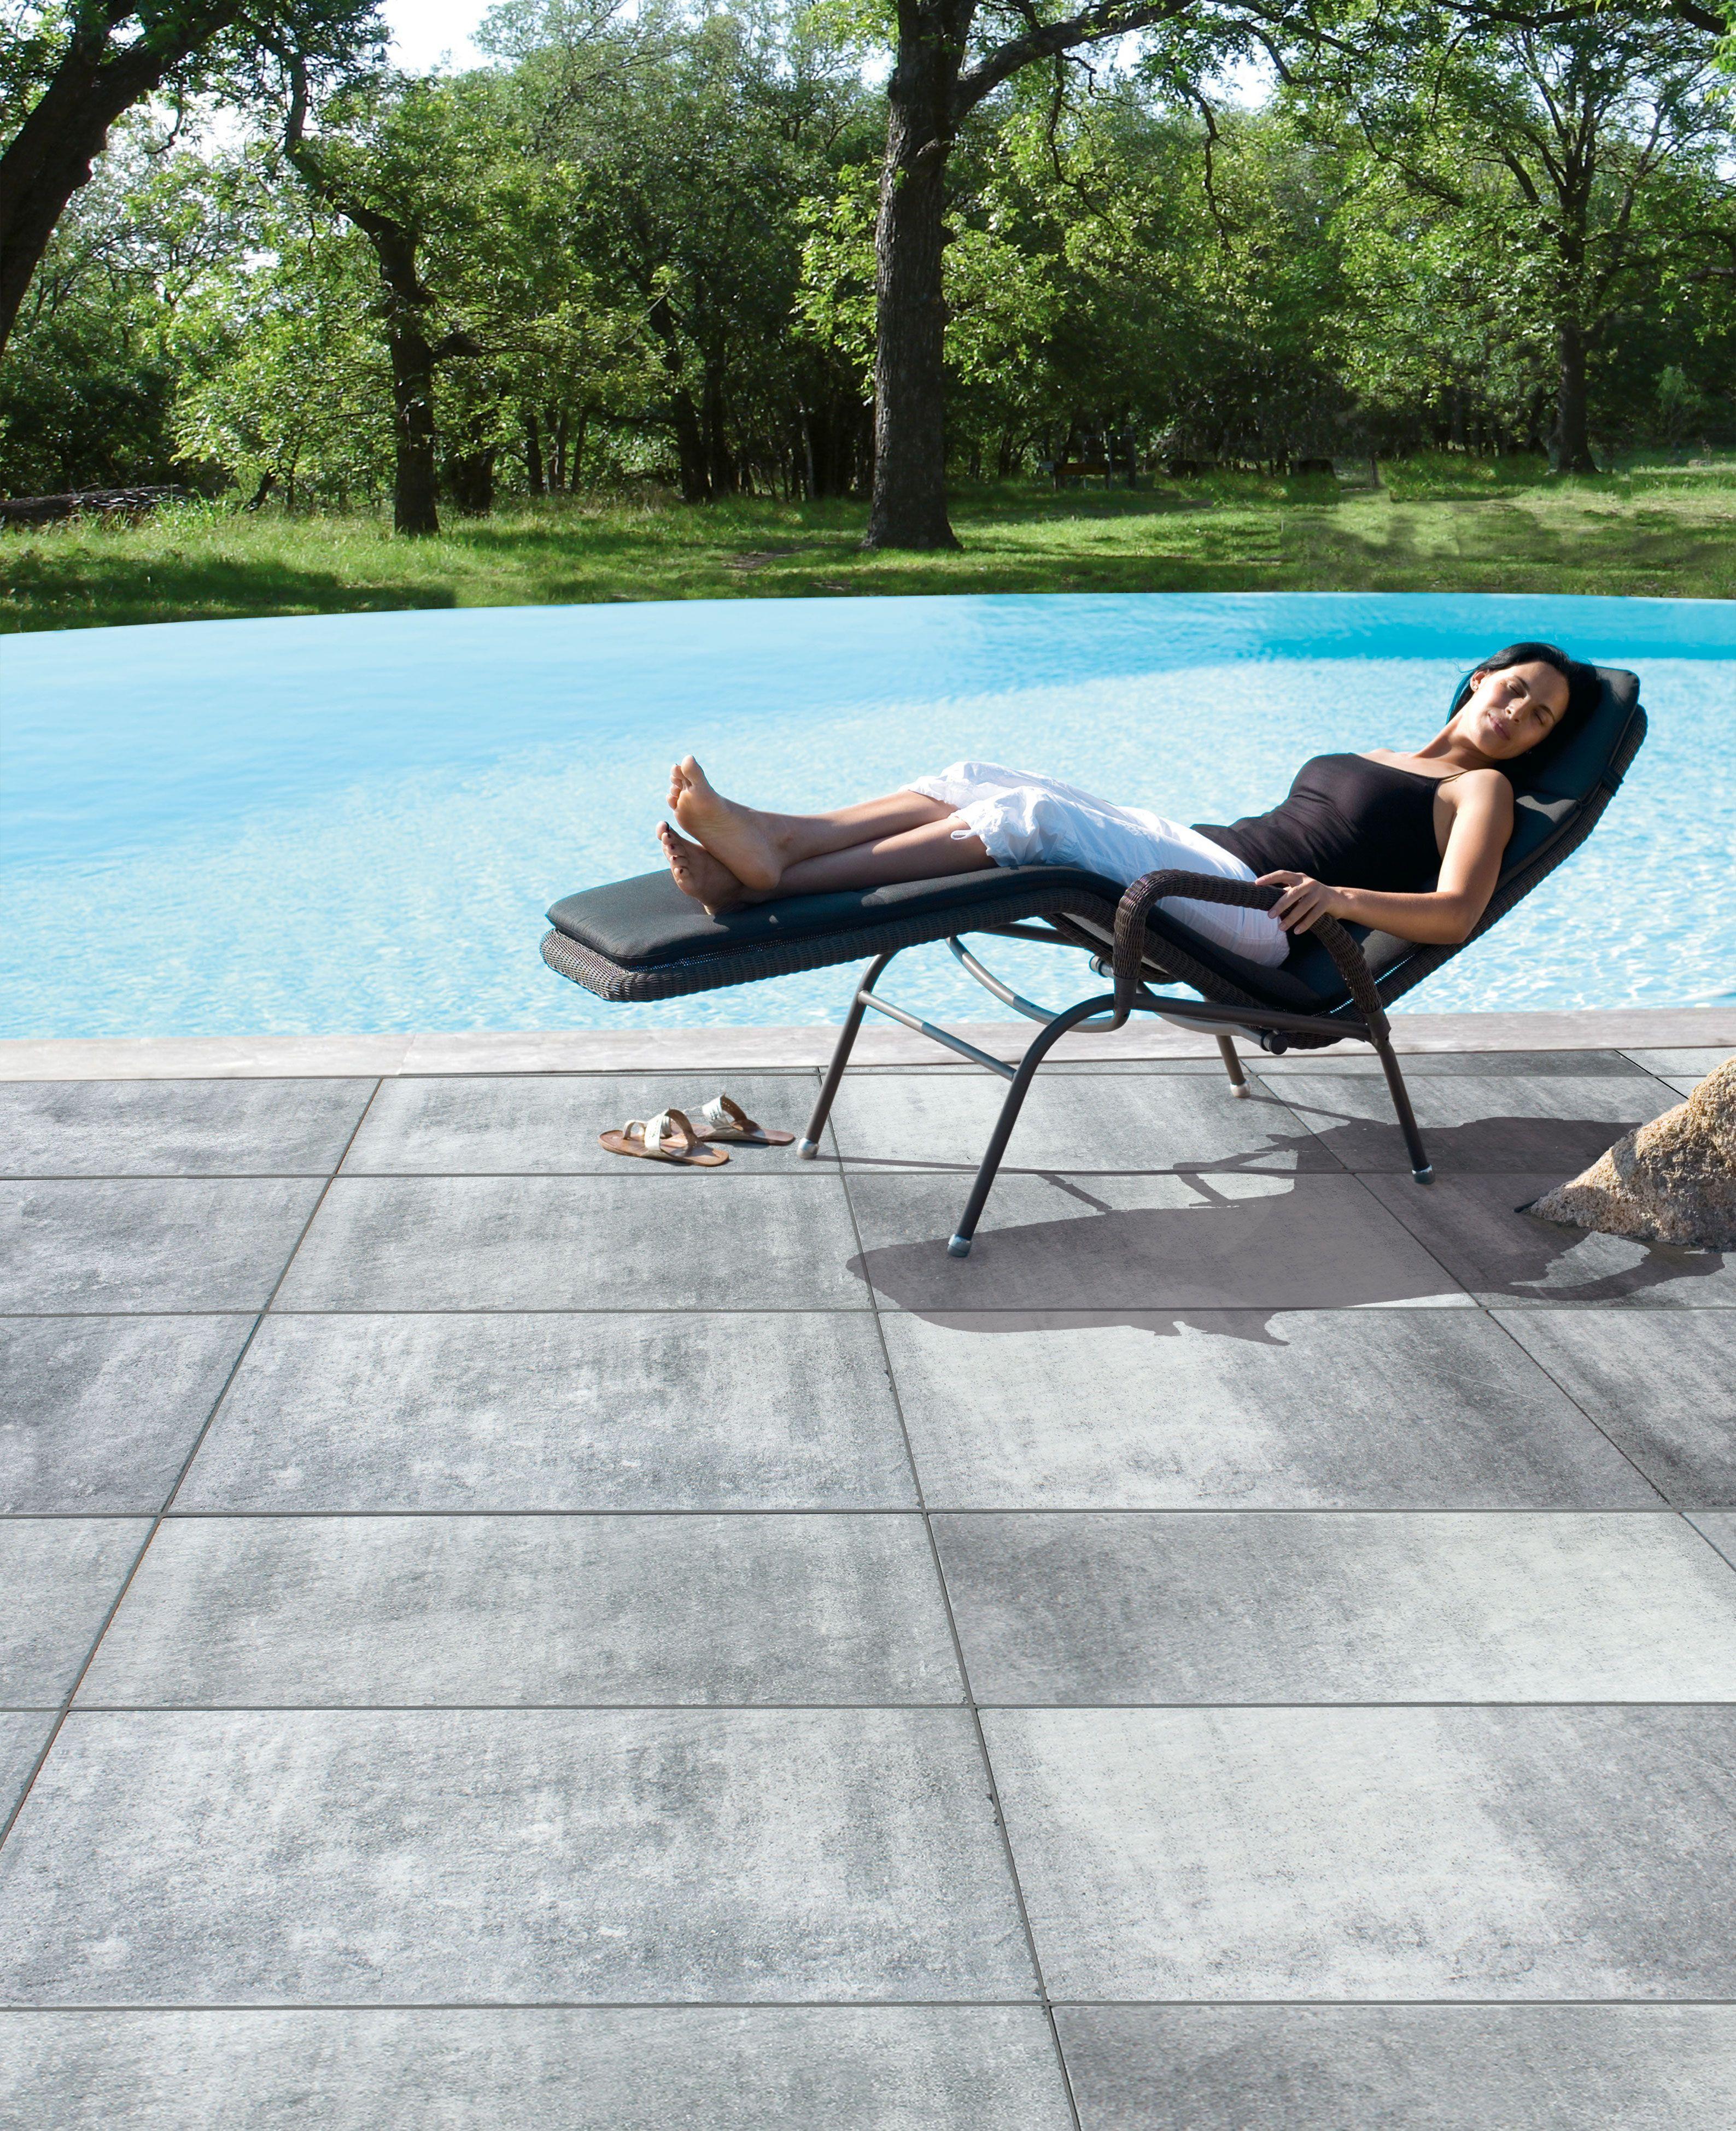 Hausler Living Stones Einfacher Zu Pflegen Durch Optimierte Leichtrein Technologie Farbe Silver Shadow T Steinplatten Terrasse Gartenplatten Steinplatten